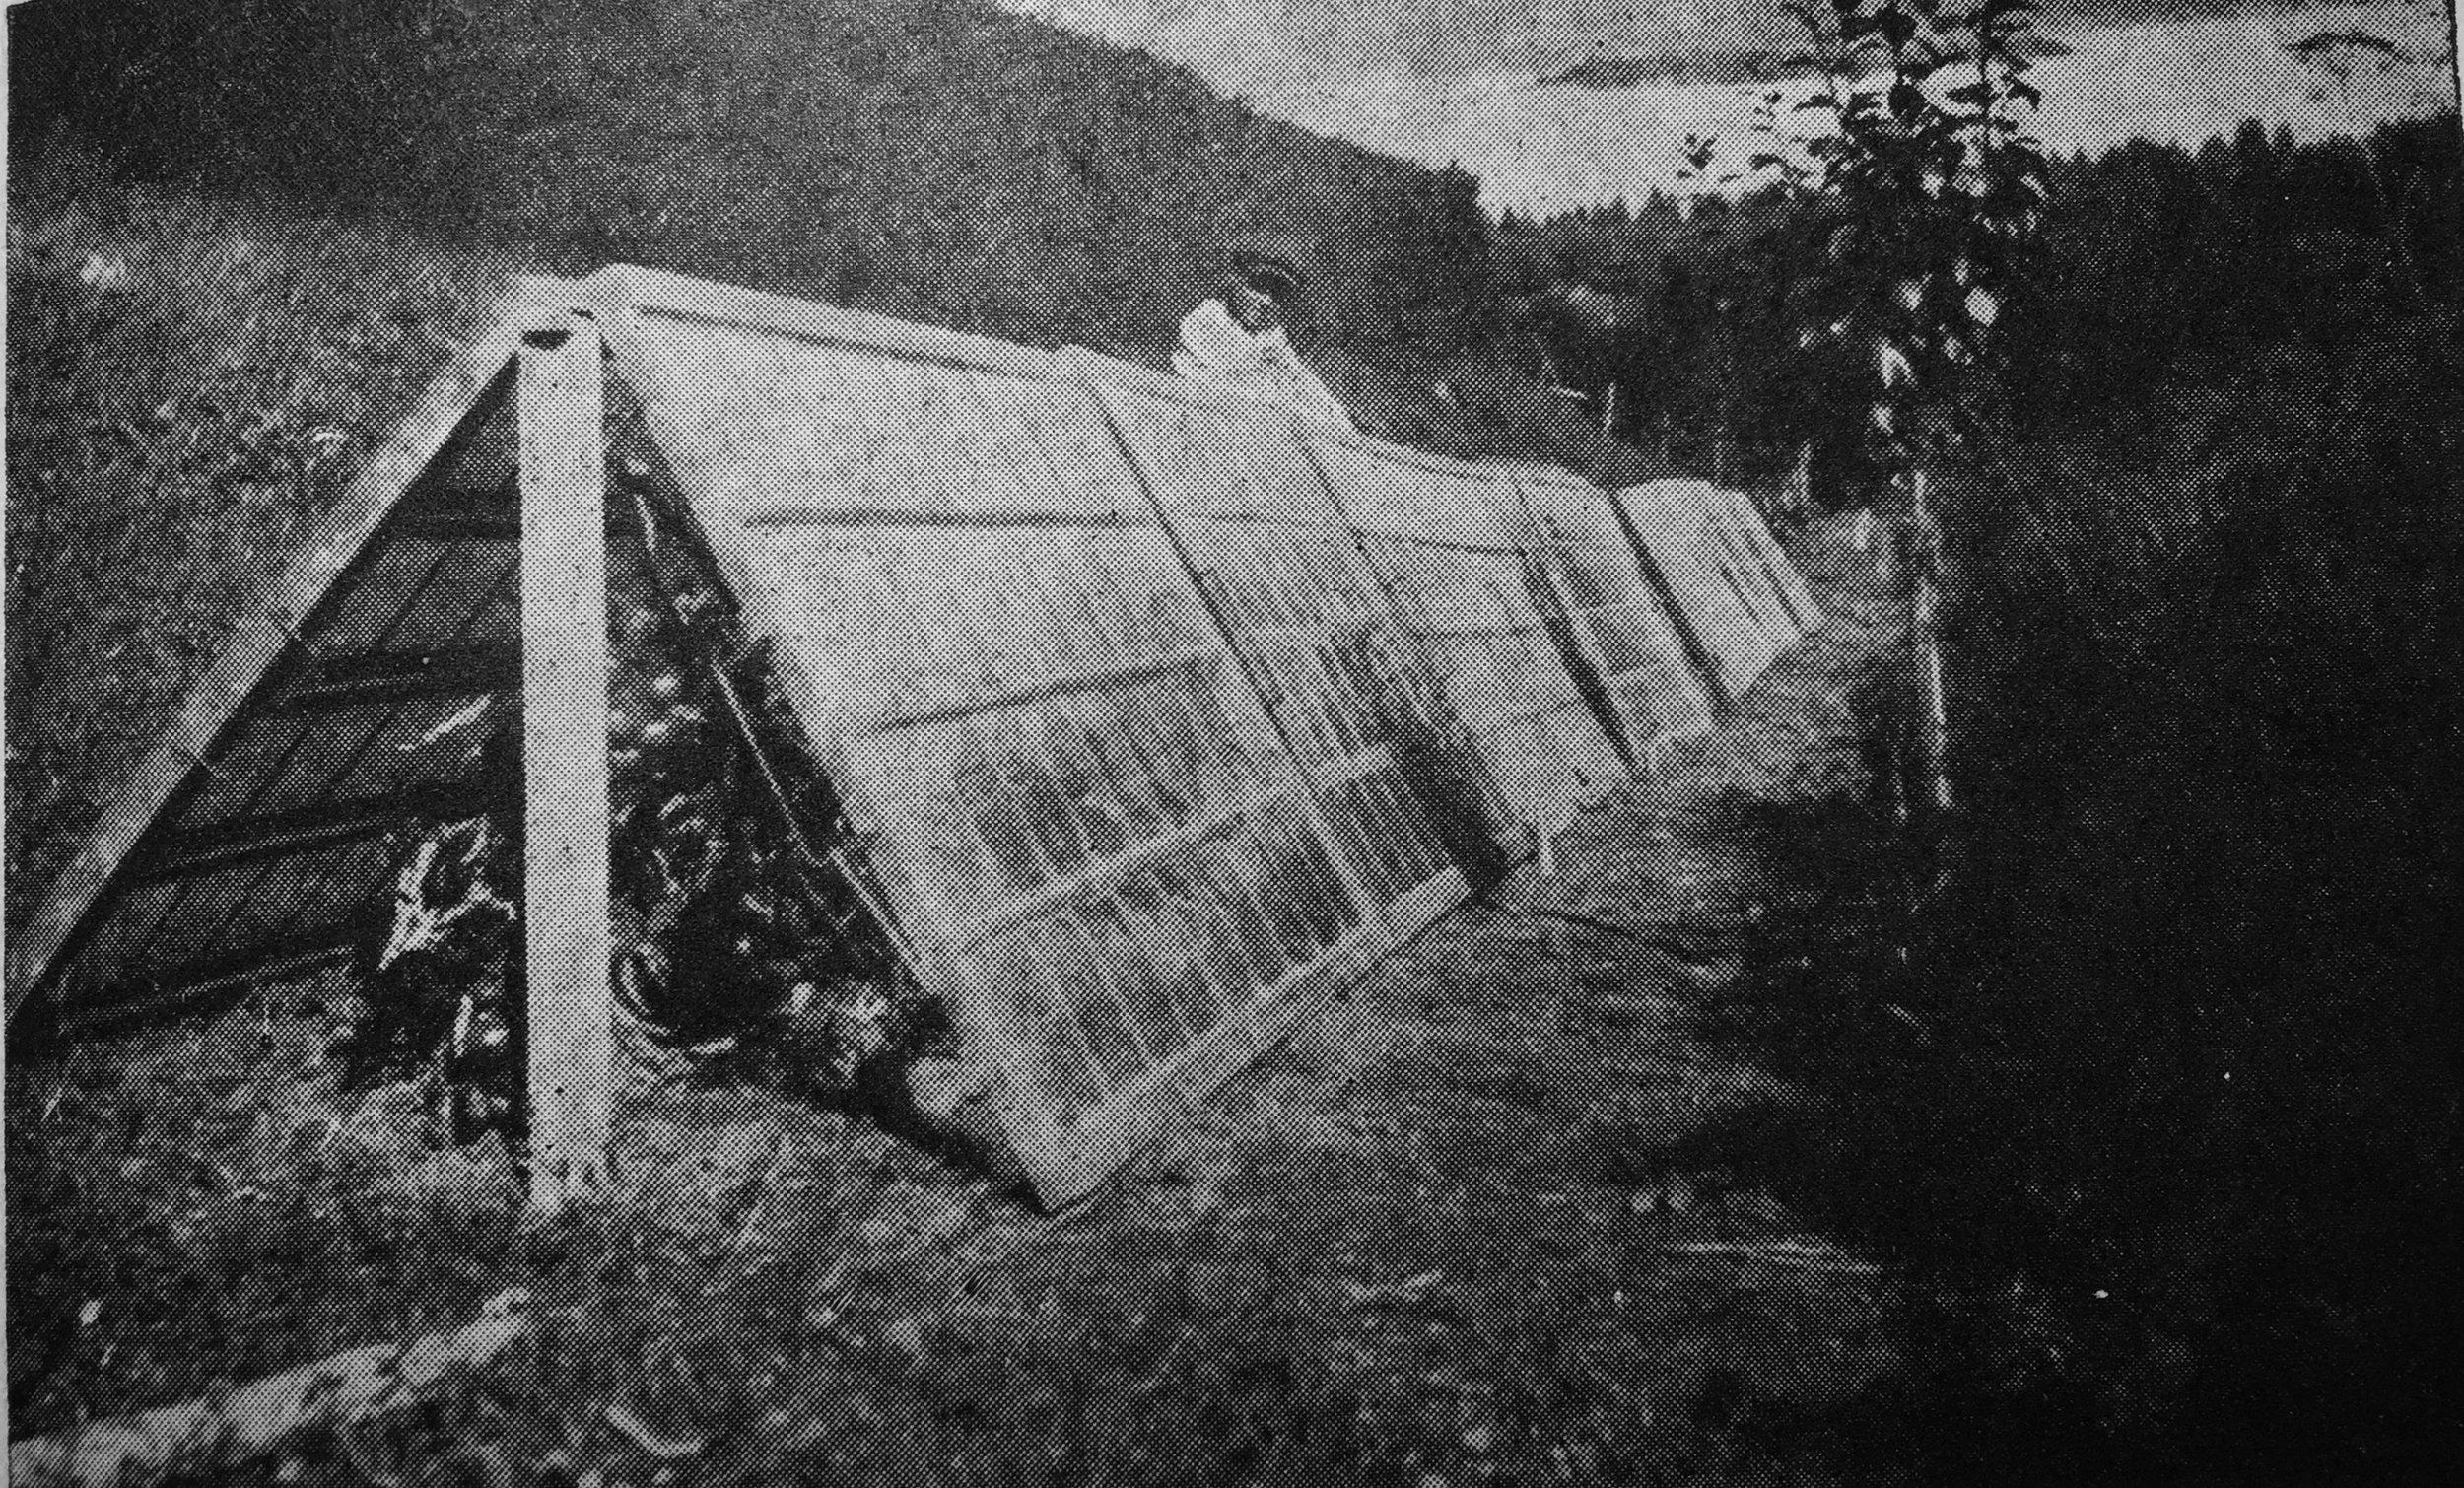 Gjenbrukte vinduer er en gammel måte å lage enkle veksthusløsninger på. Bilde fra 1930 tallet.